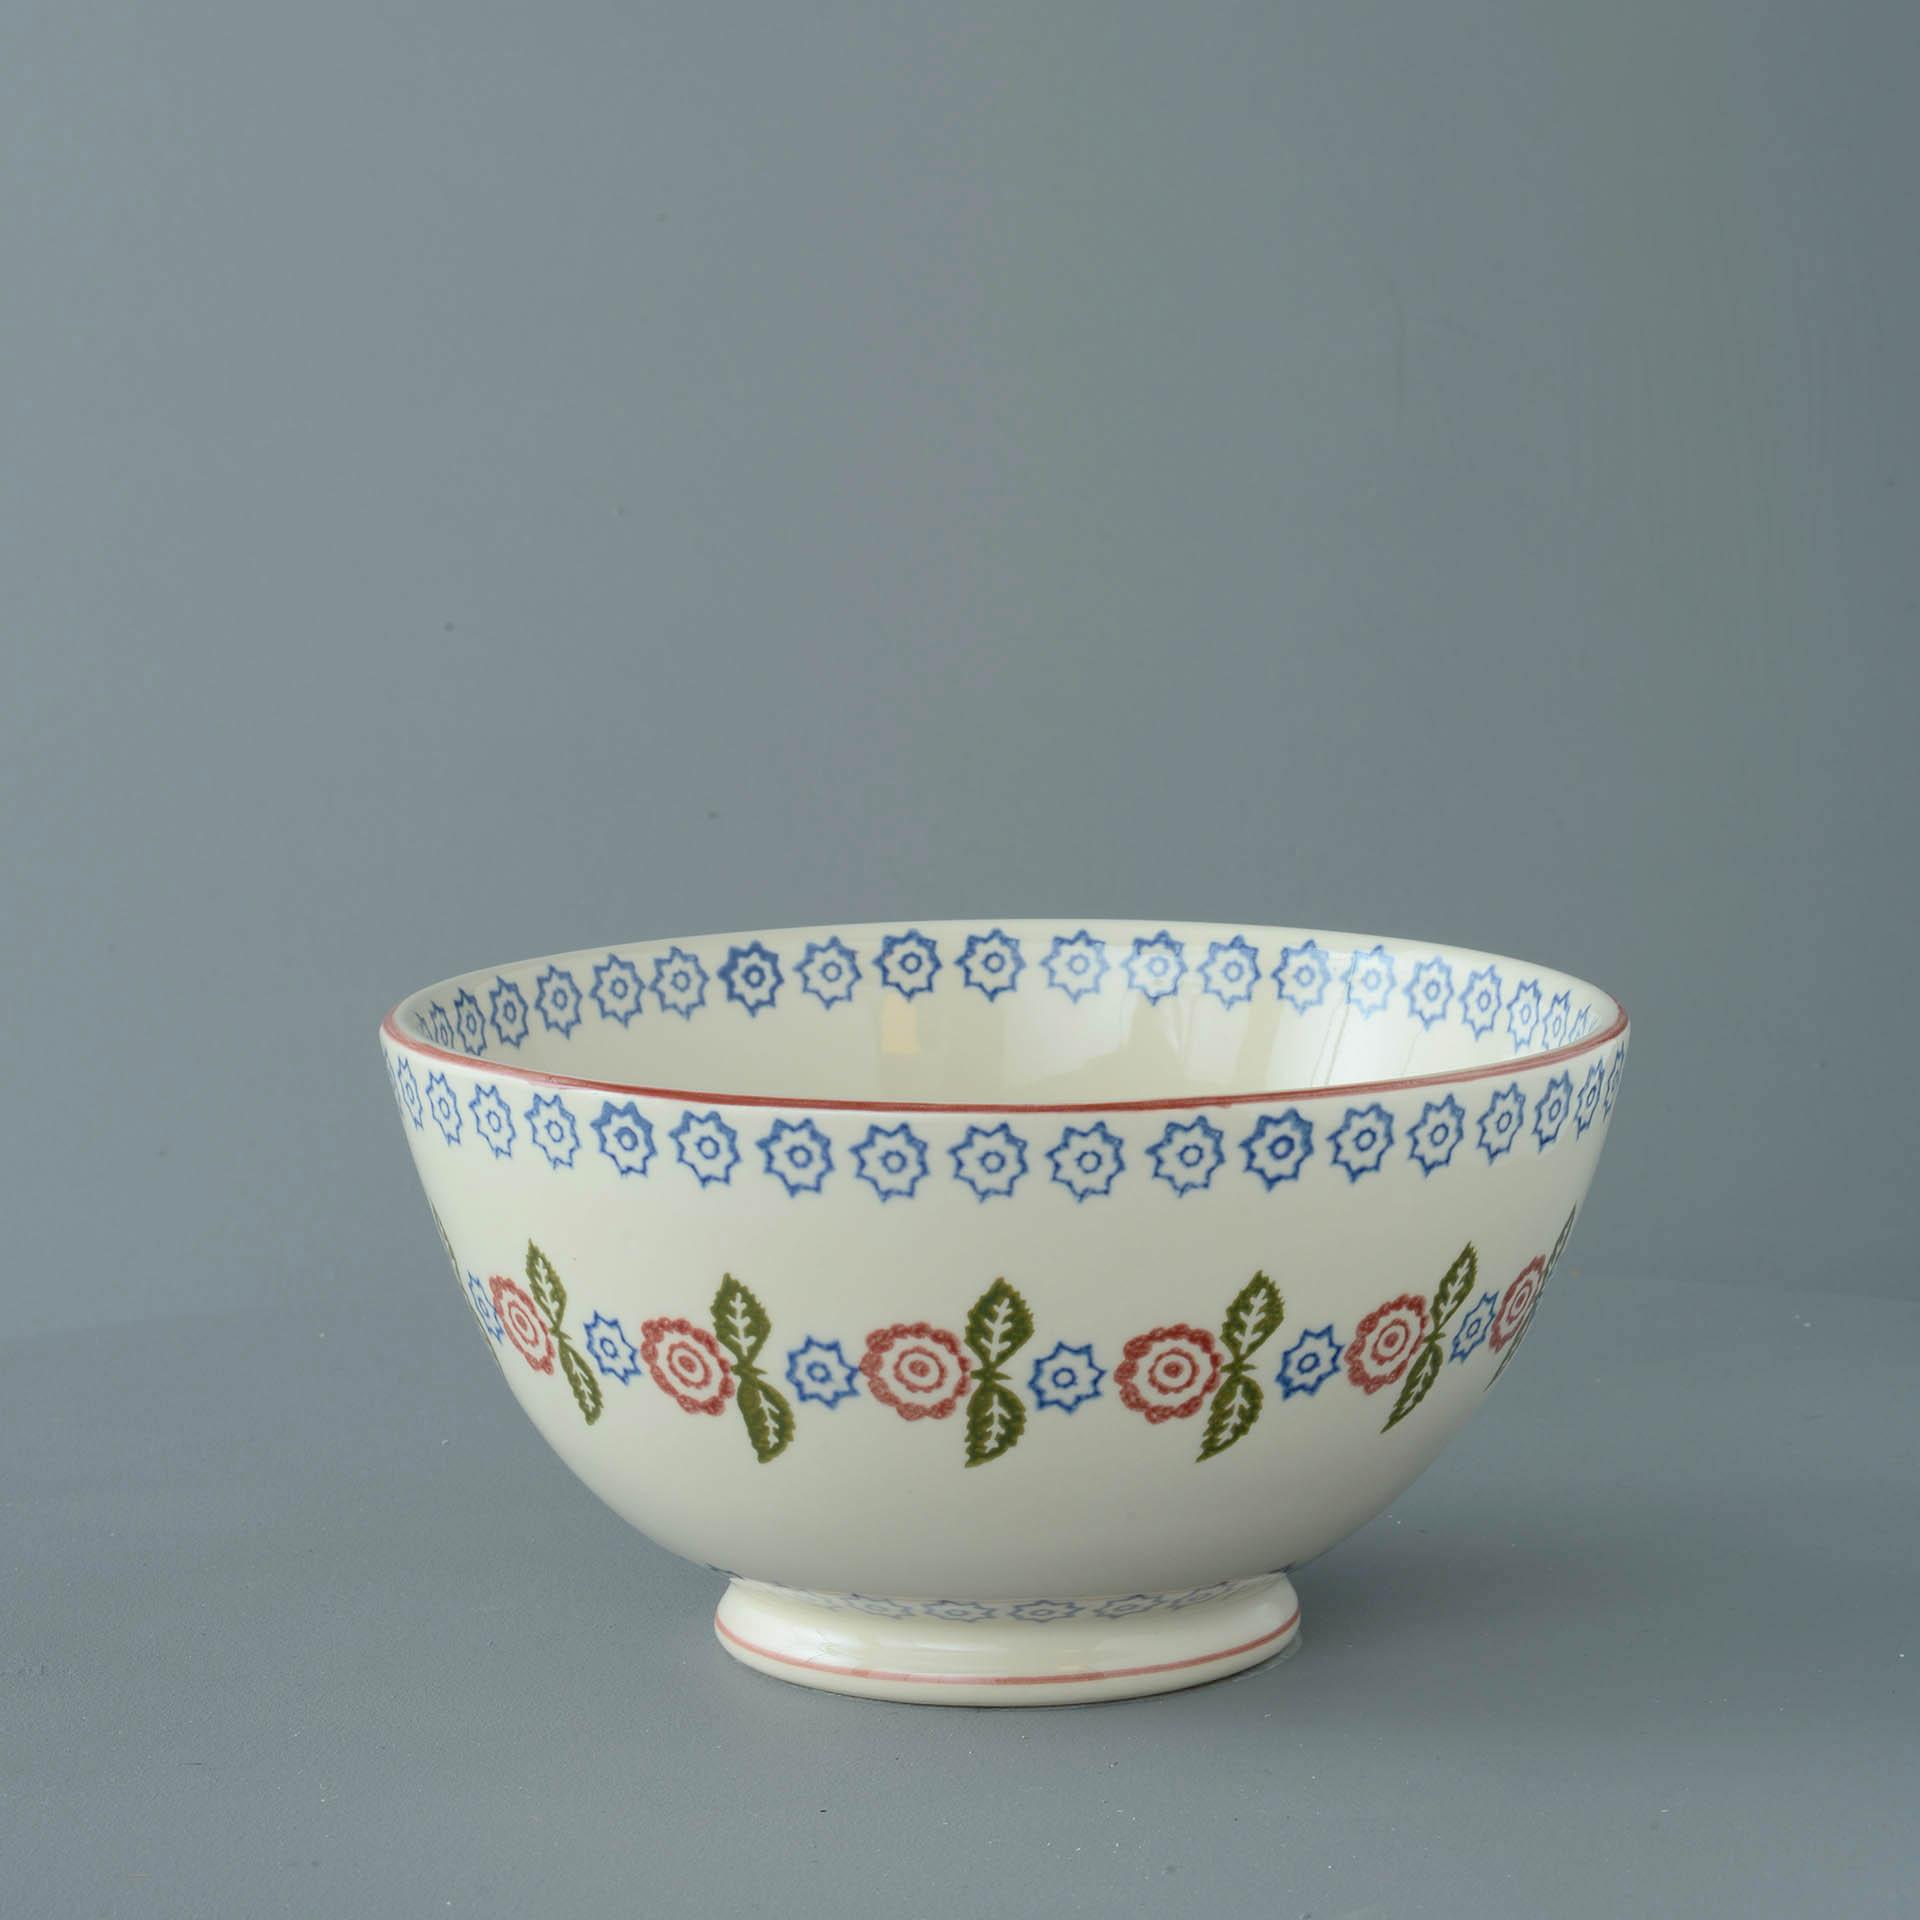 Victorian Floral Serving Bowl 11 x 21.5cm